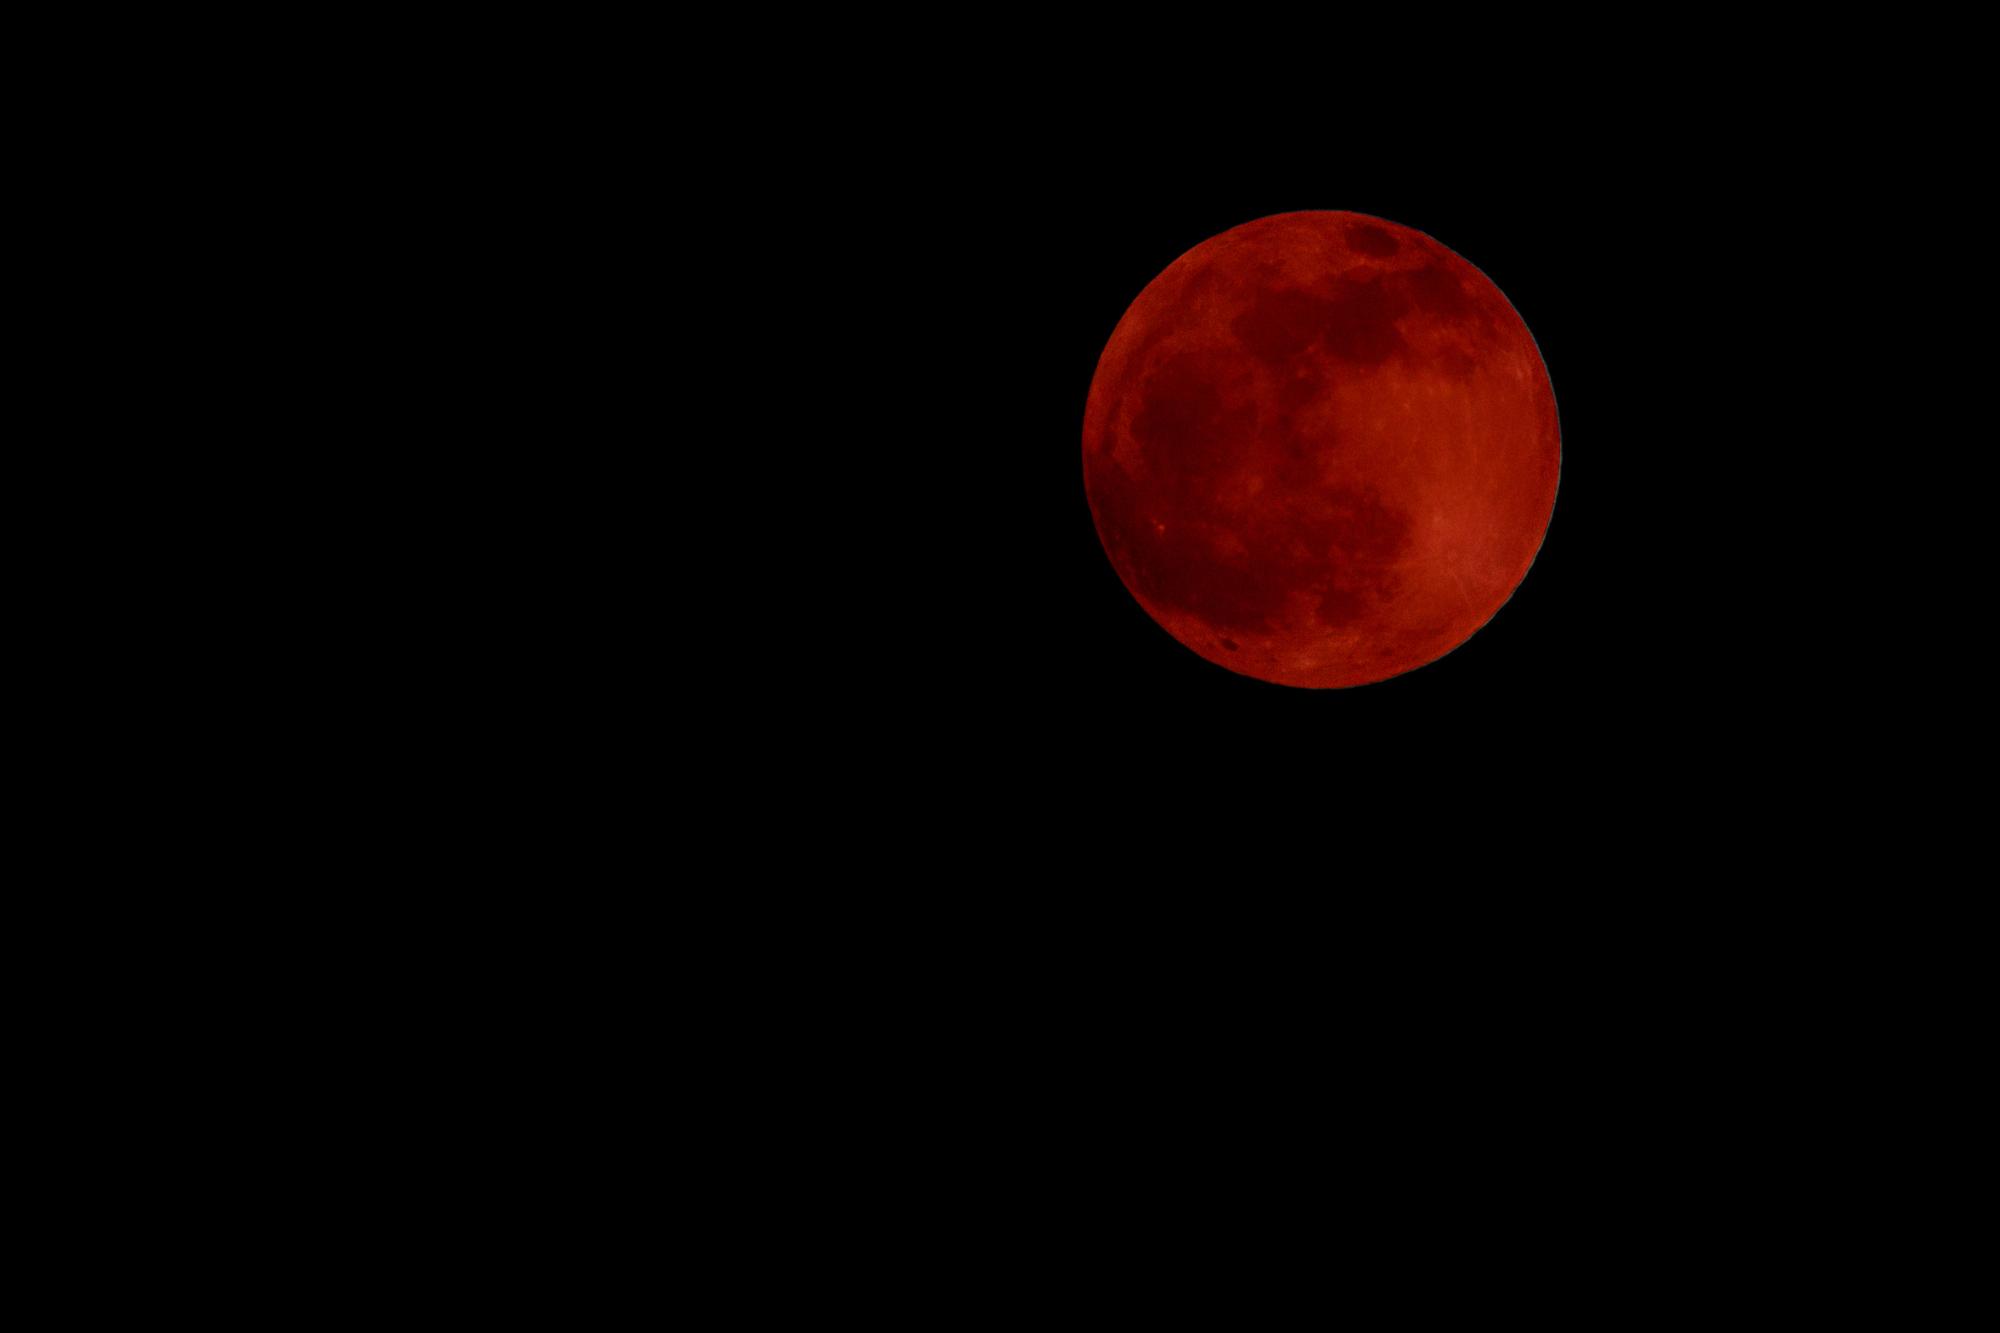 Aneh tapi nyata, kentut mampu mengantarmu terbang ke bulan, wow!